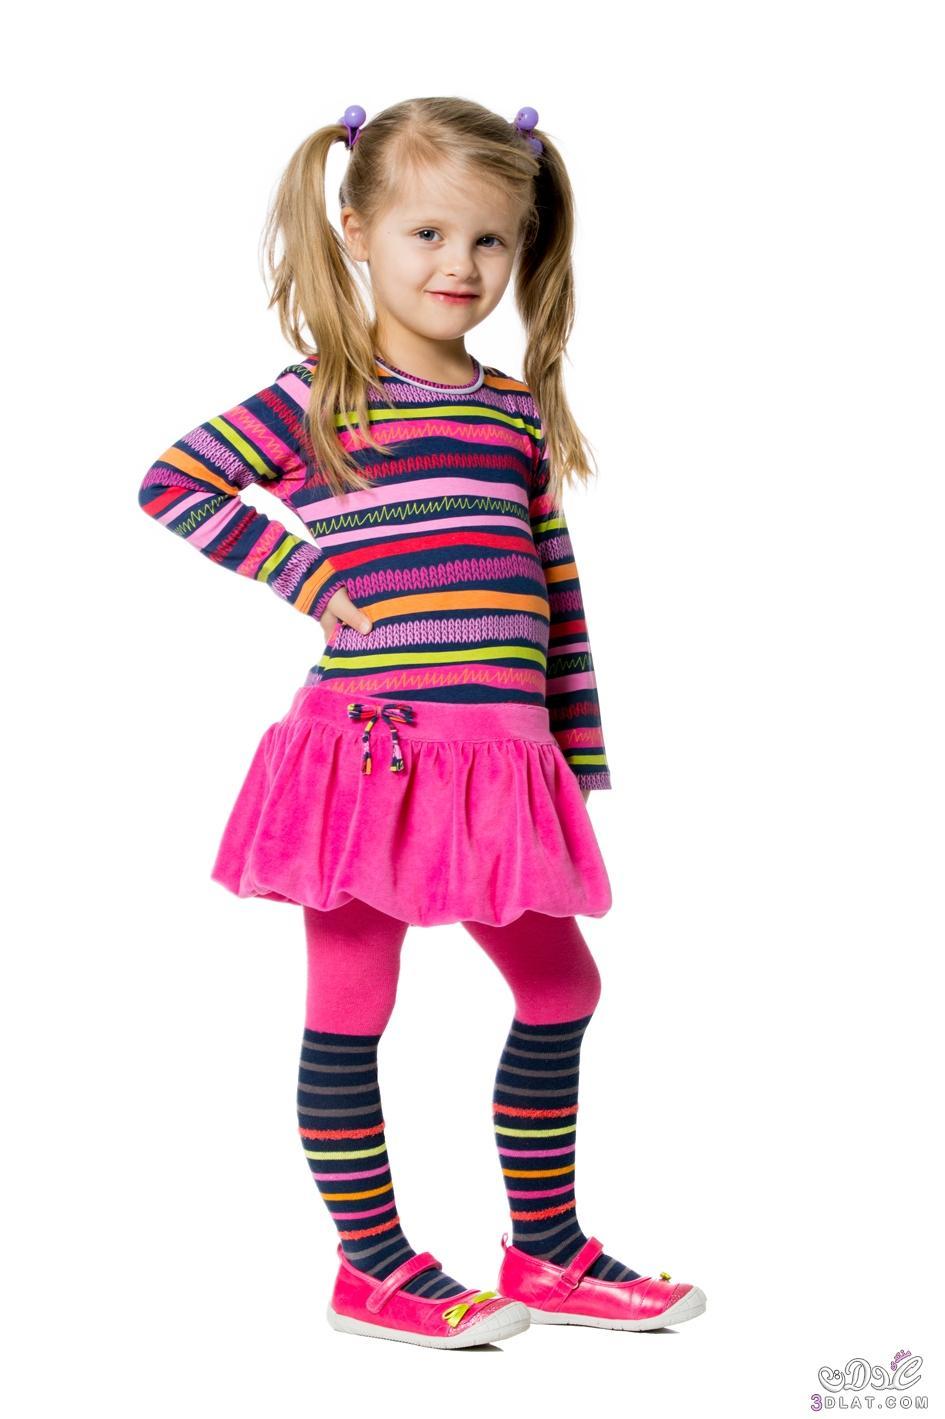 e2bd2320a8de9 ملابس اطفال بنات